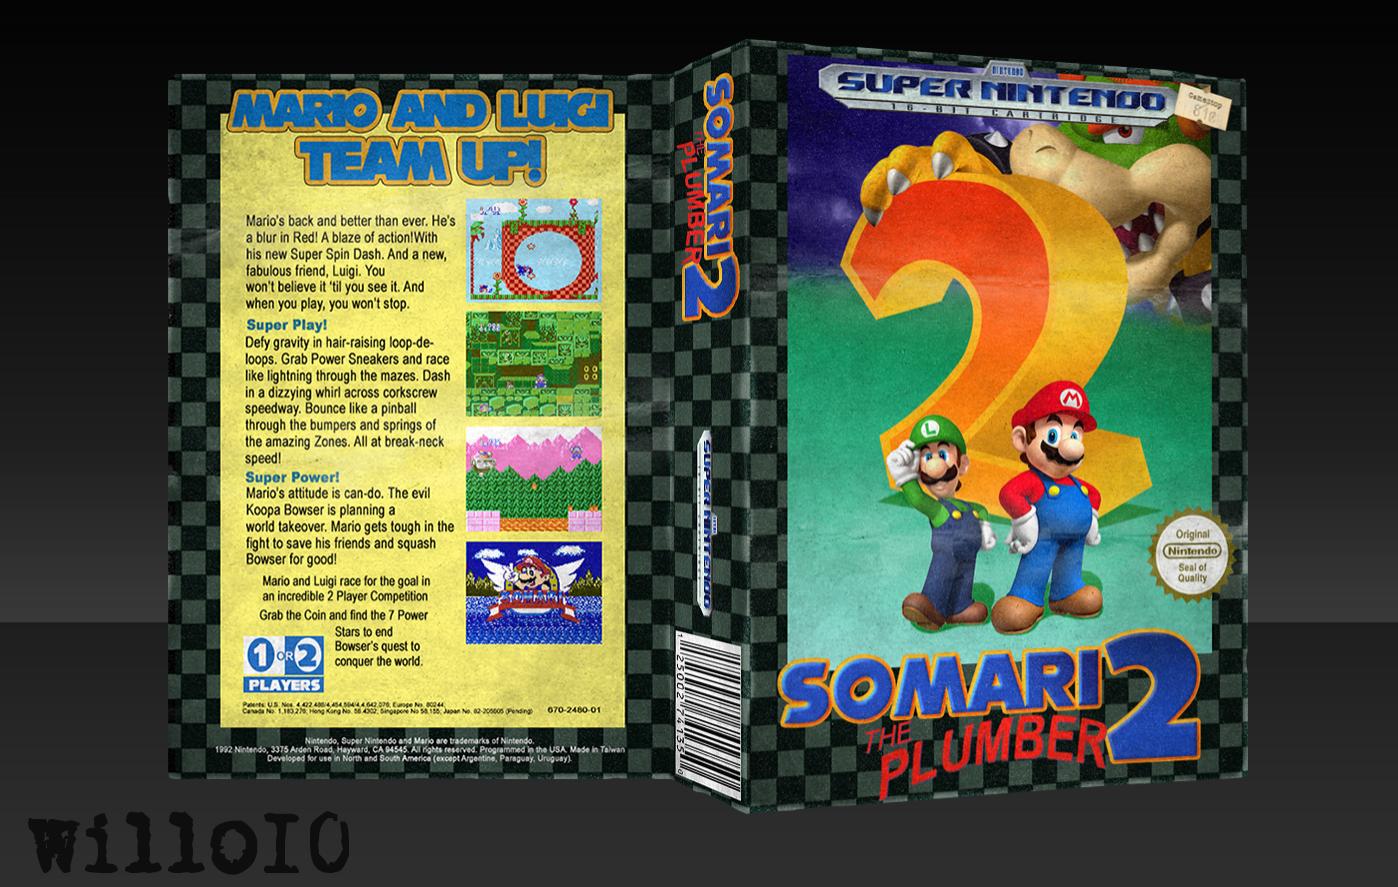 Somari the Plumber 2 SNES Box Art Cover by willo10